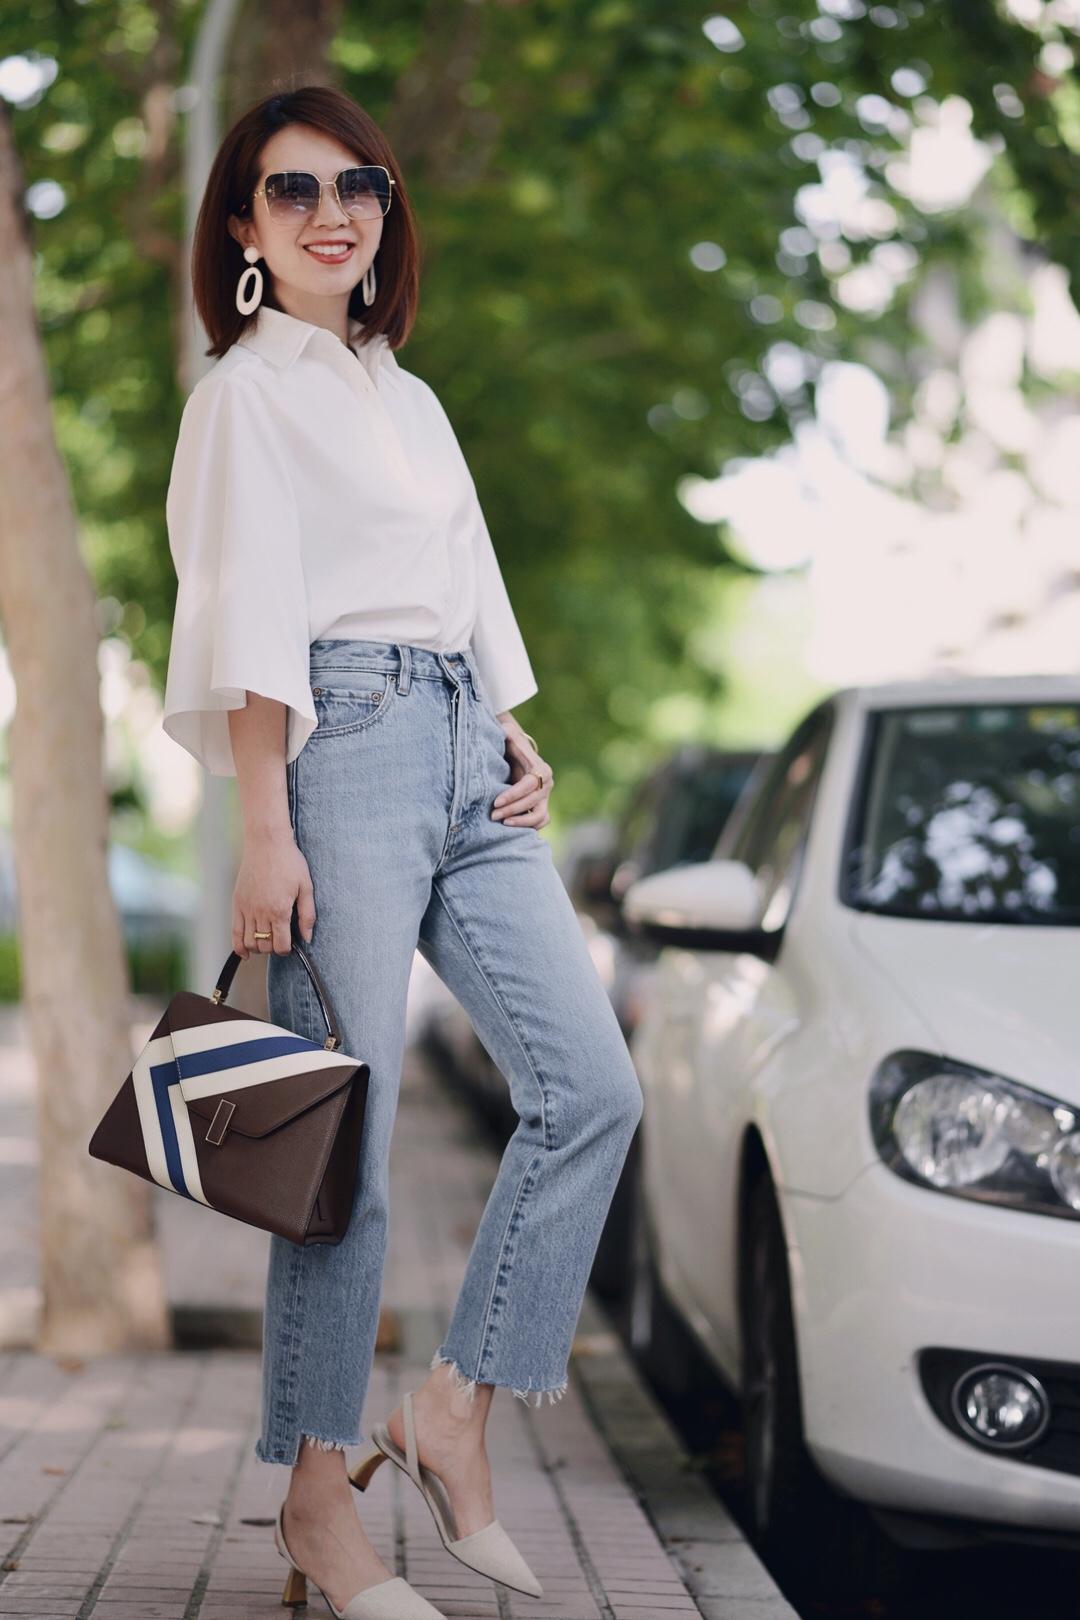 白衬衫+👖,入秋最适合的look,通过复古风配饰提升时髦度~ #秋装上新穿搭打卡#